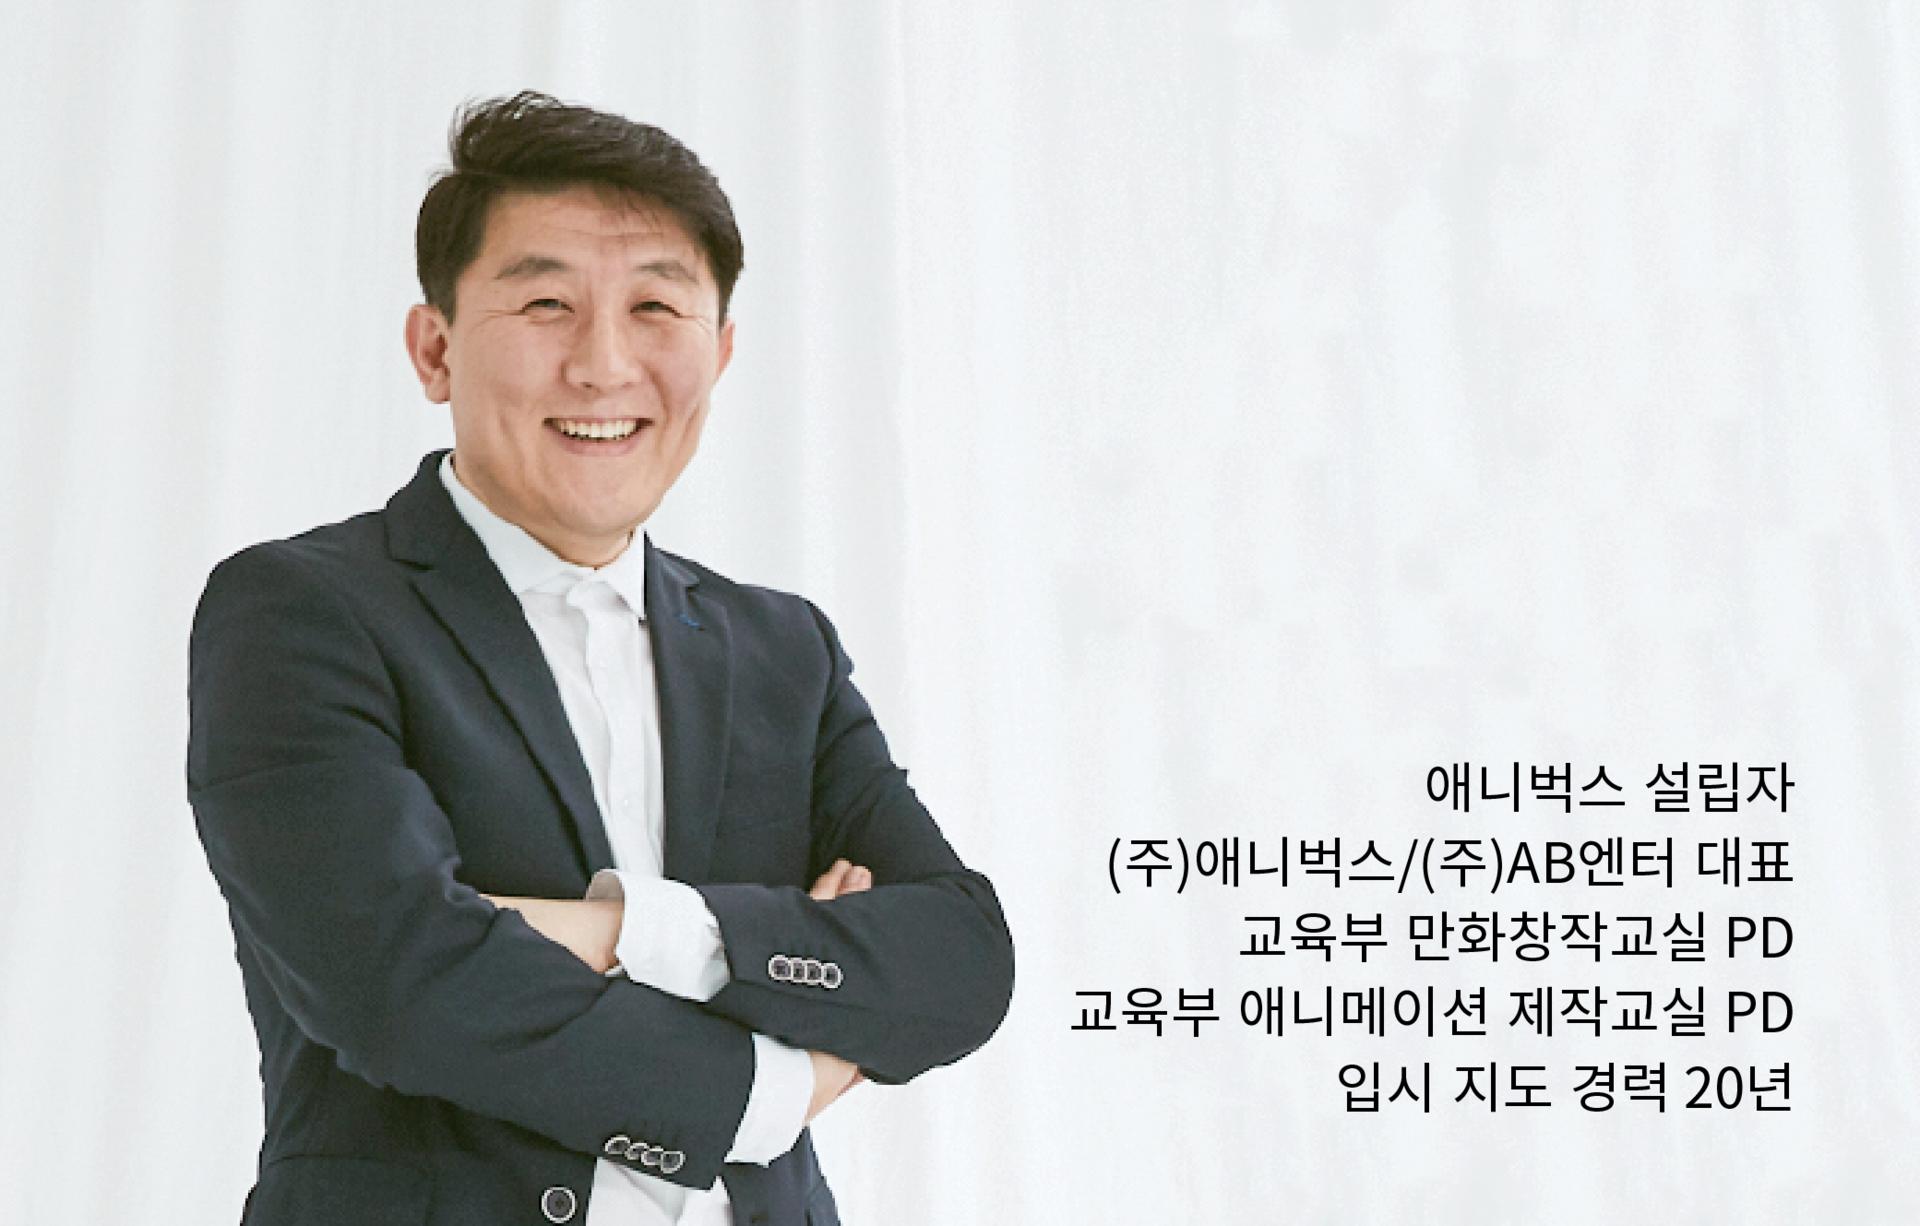 애니벅스 이태원 원장